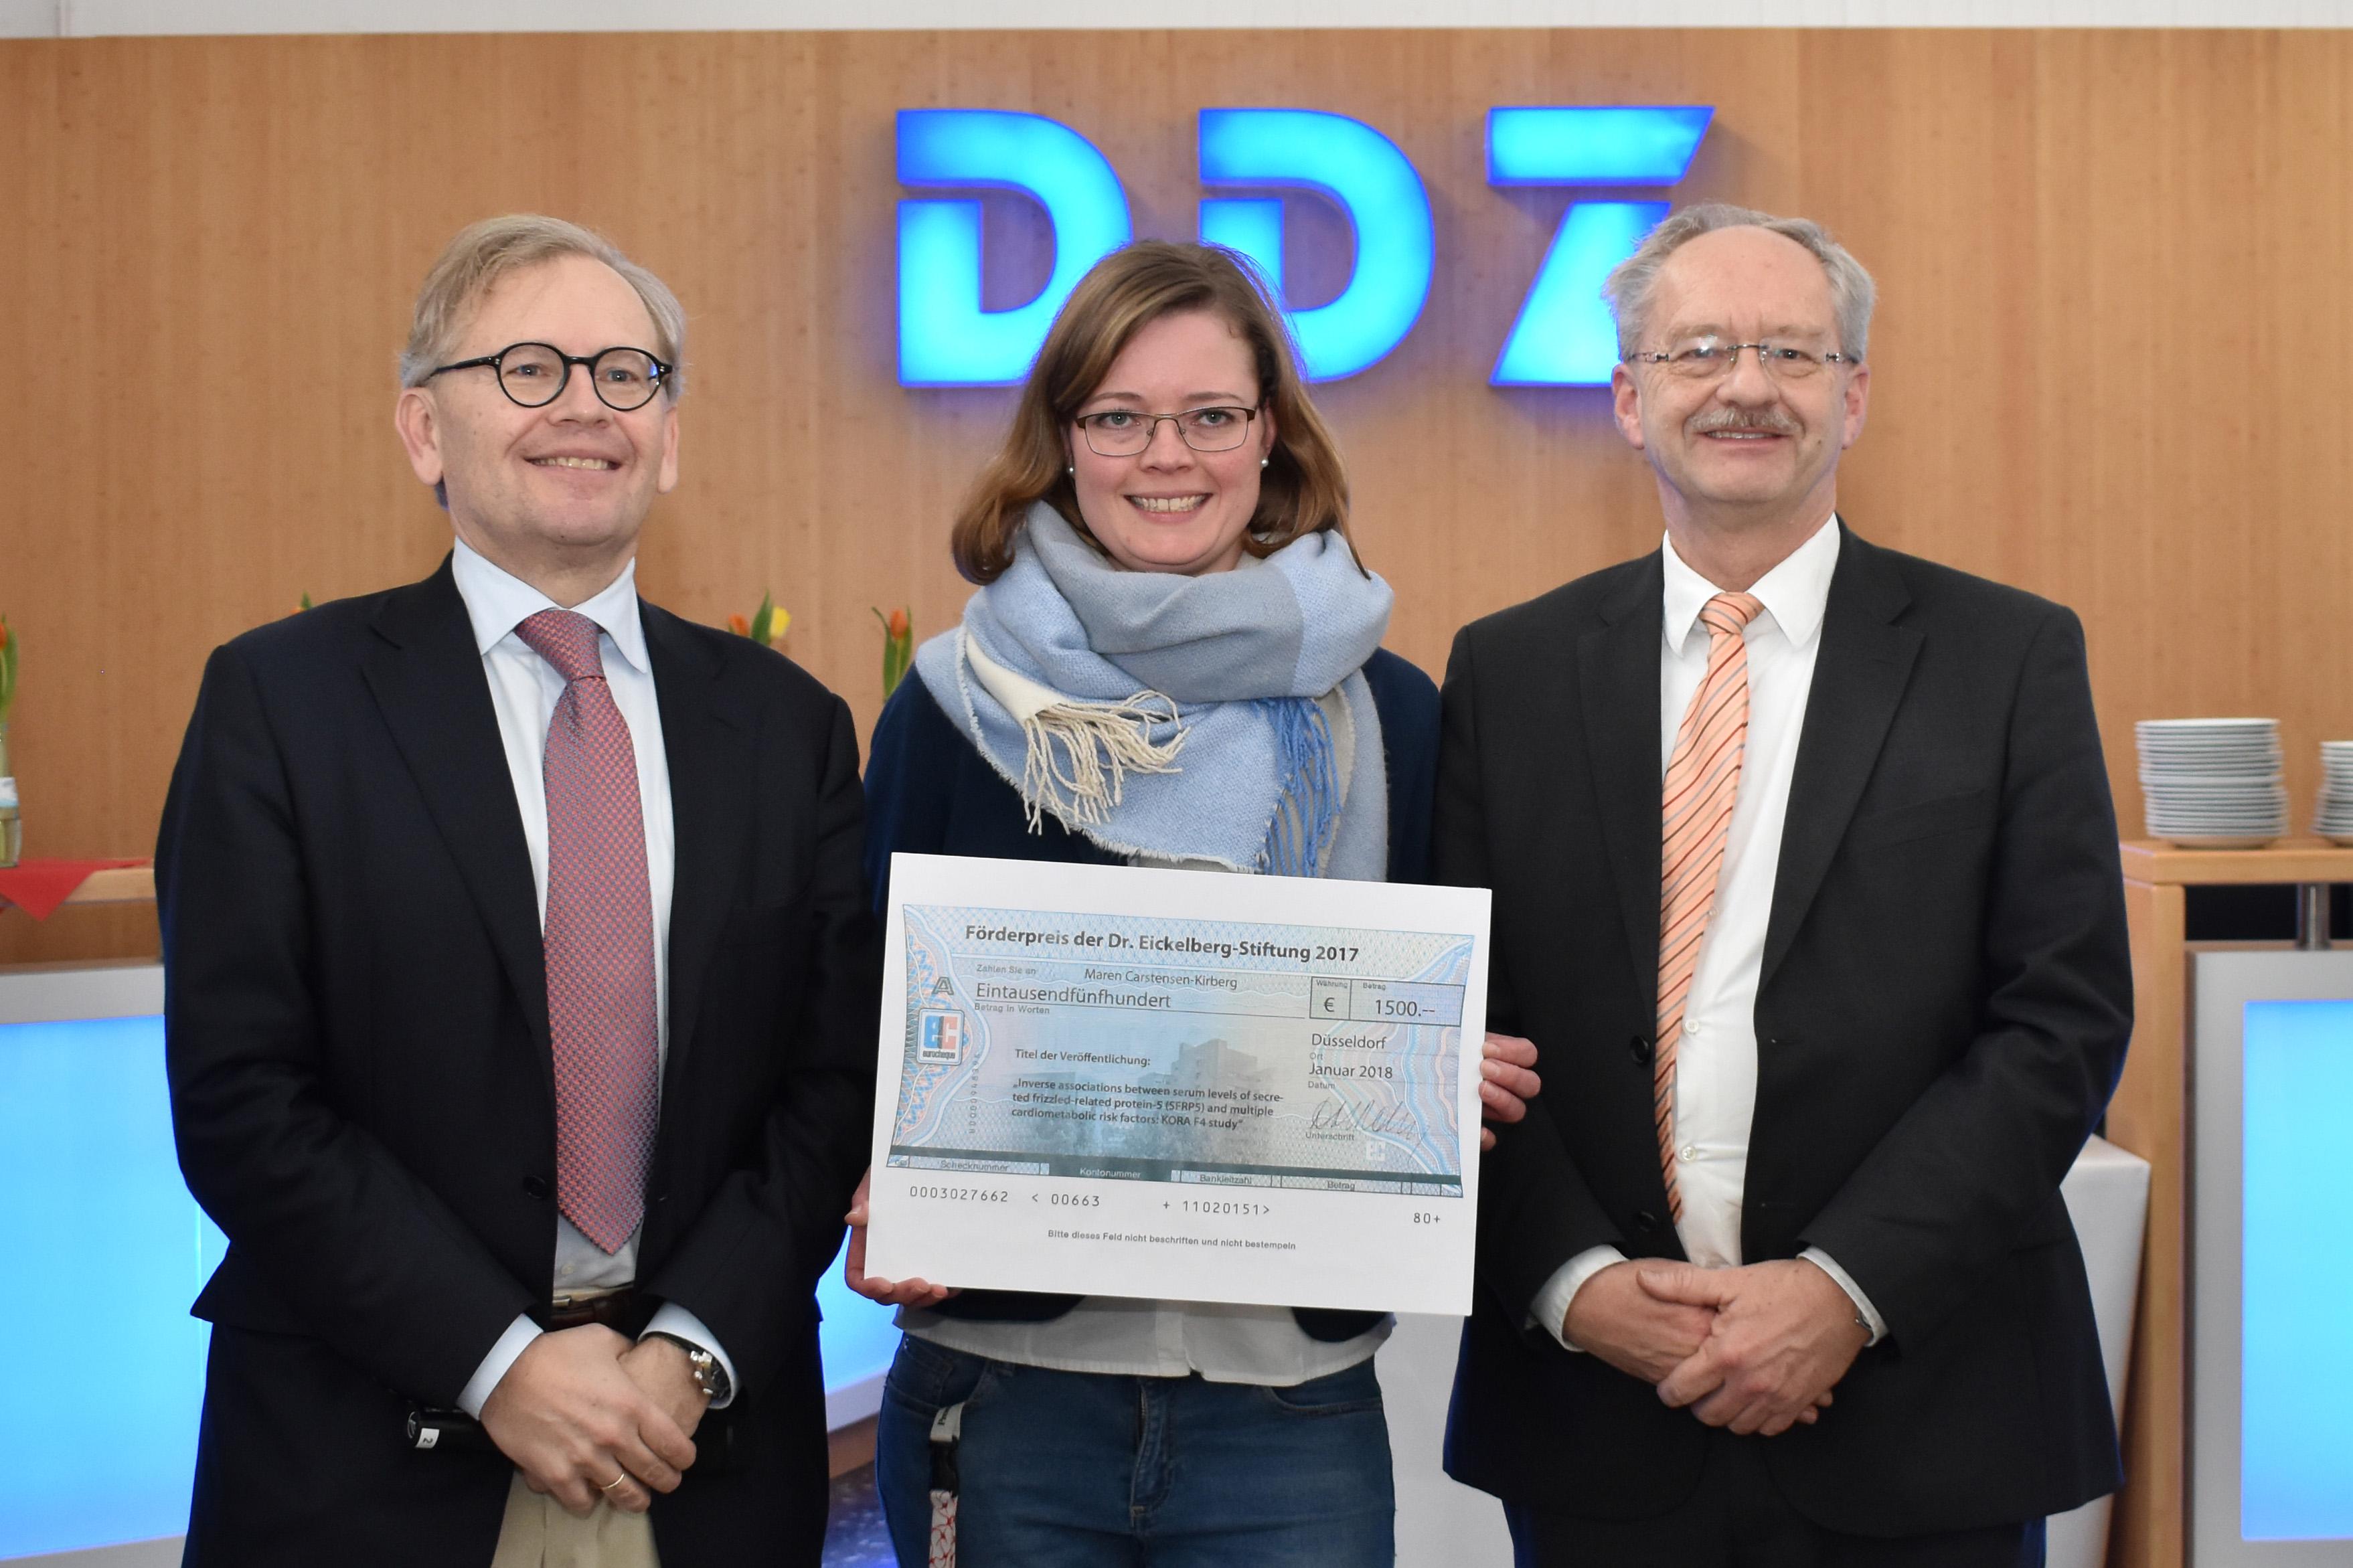 Prof. Dr. Michael Roden, Vorstand des DDZ, Dr. Maren Carstensen-Kirberg, Preisträgerin des Förderpreises der Dr. Eickelberg-Stiftung, und Andreas Fidelak, Vorstand des DDZ